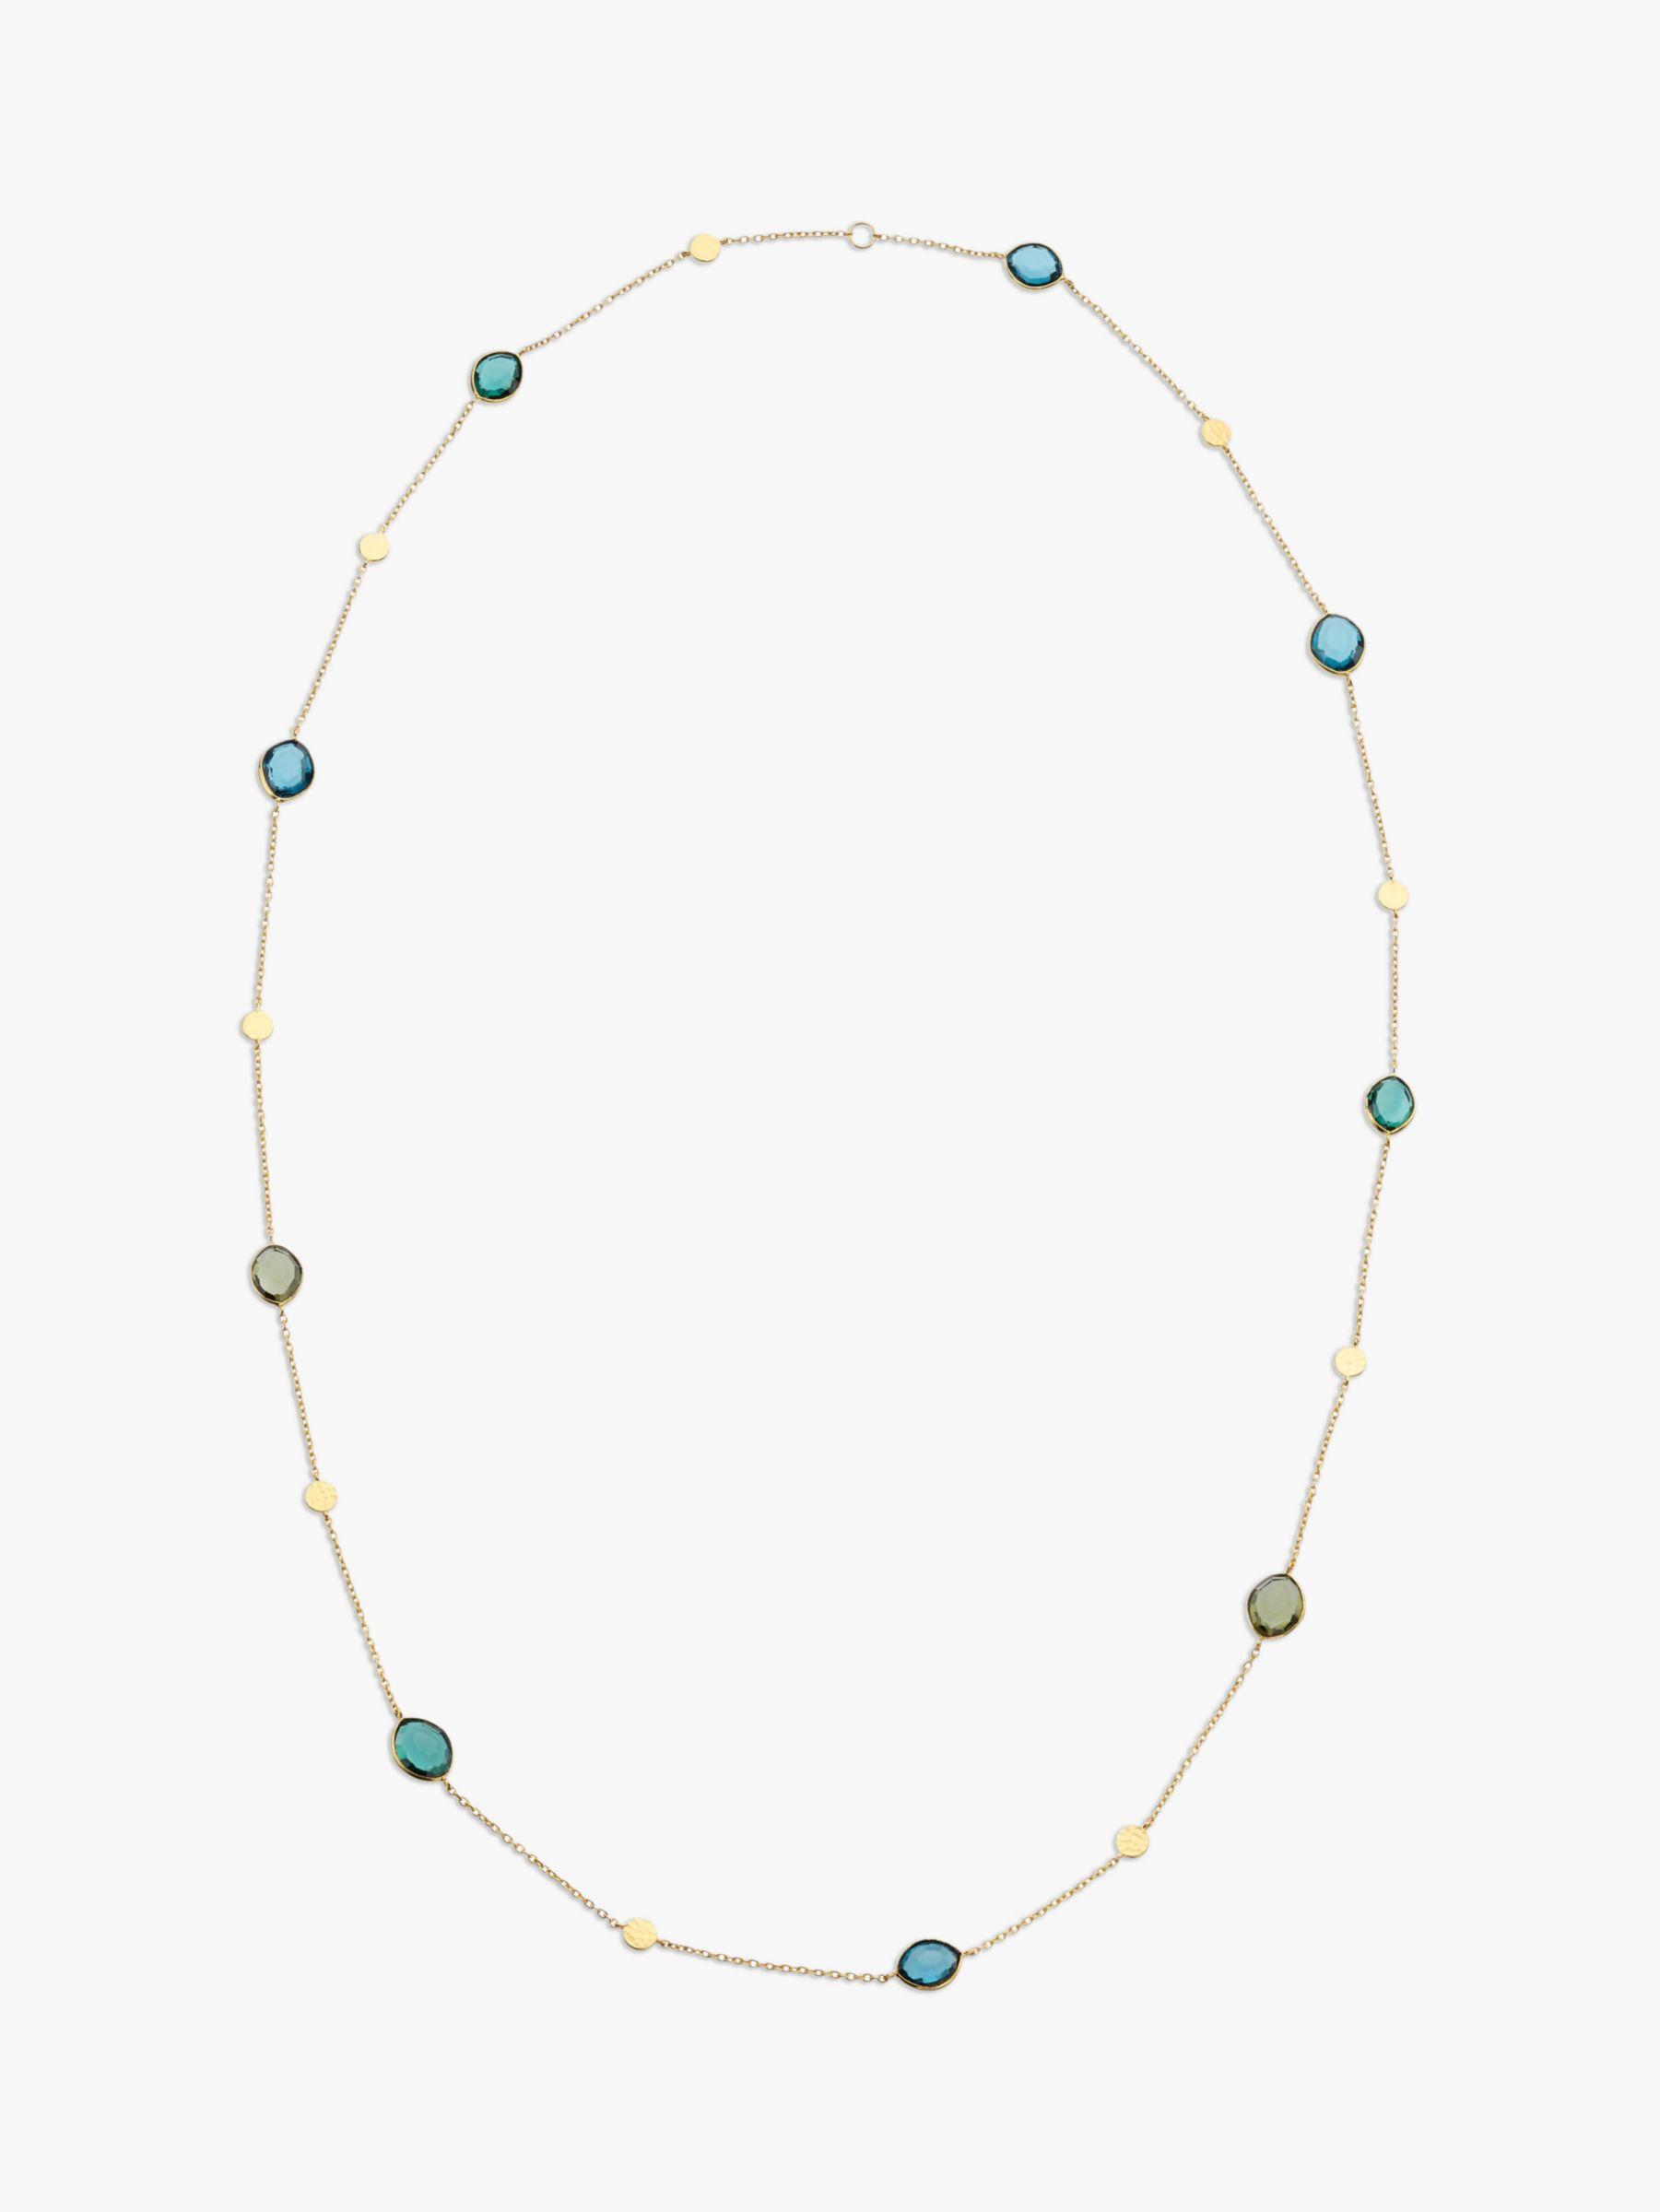 John Lewis Gemstones John Lewis Gemstones Long Multi Stone Chain Necklace, Gold/Multi